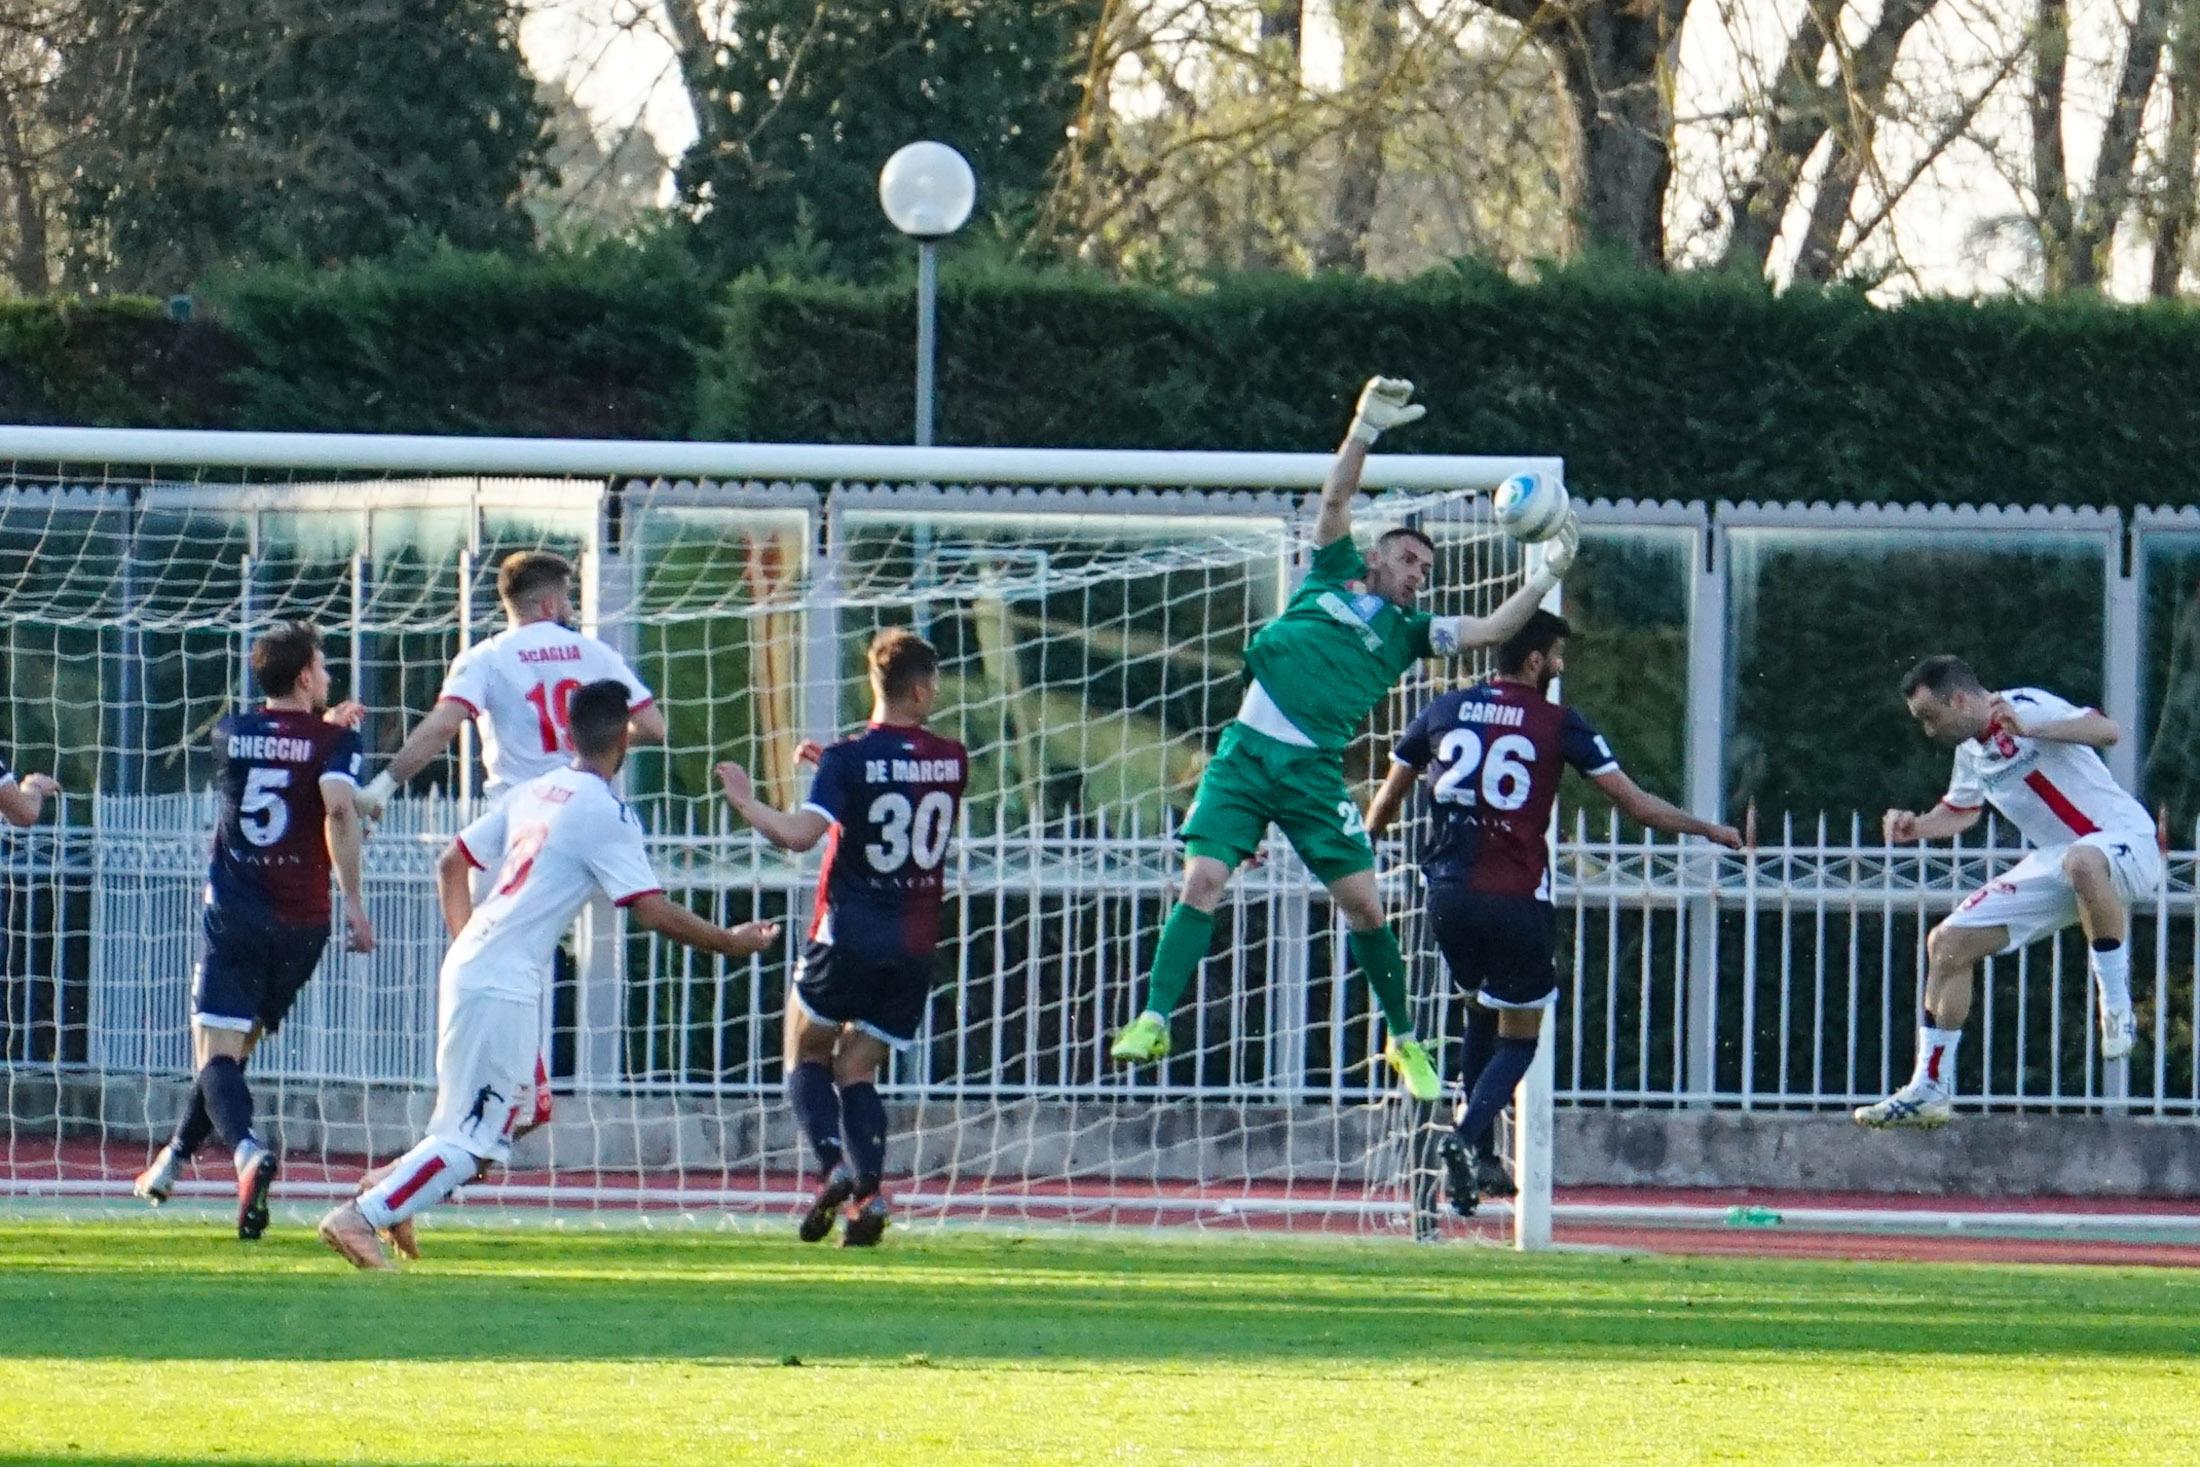 Calcio C play-off, sulla strada dell'Imolese c'è il Monza: si gioca alle 18